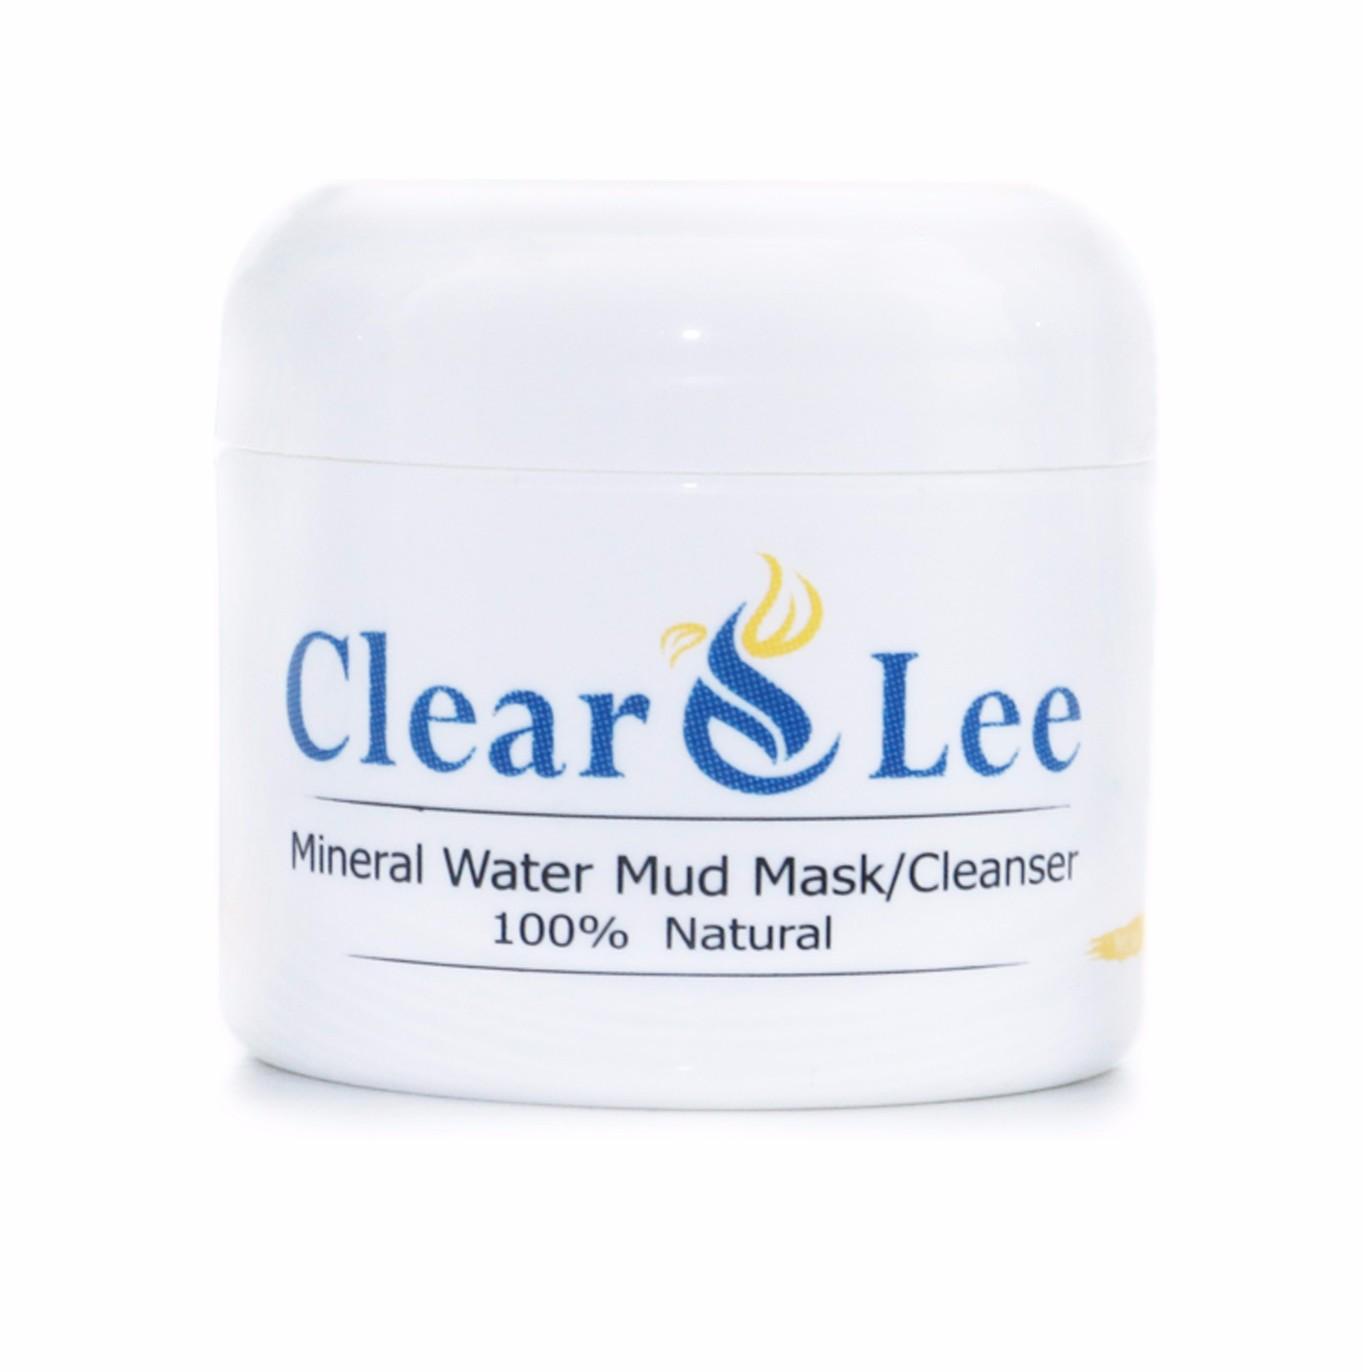 ClearLee Mud Mask